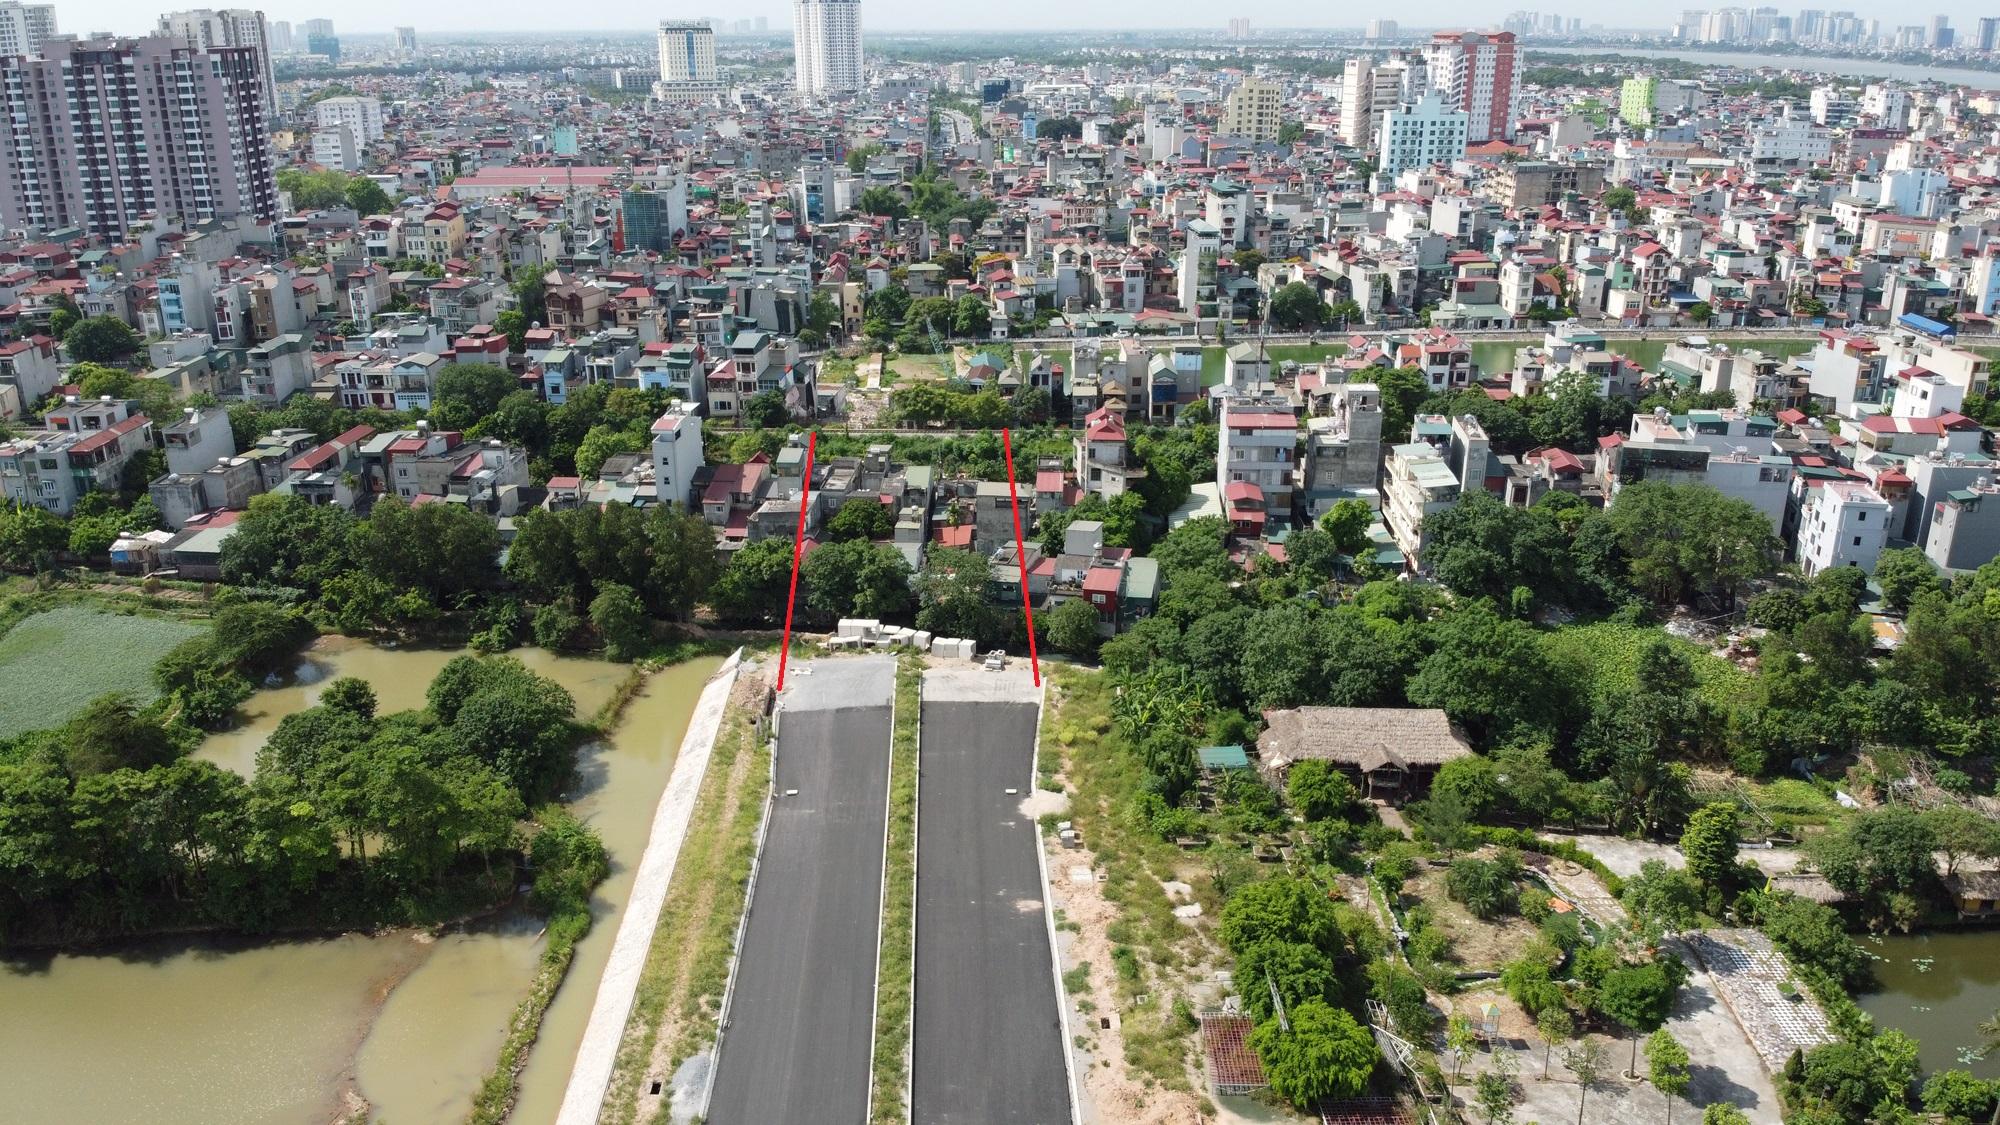 đường sẽ mở theo qui hoạch ở phường Ngọc Thụy, Long Biên, Hà Nội - Ảnh 9.